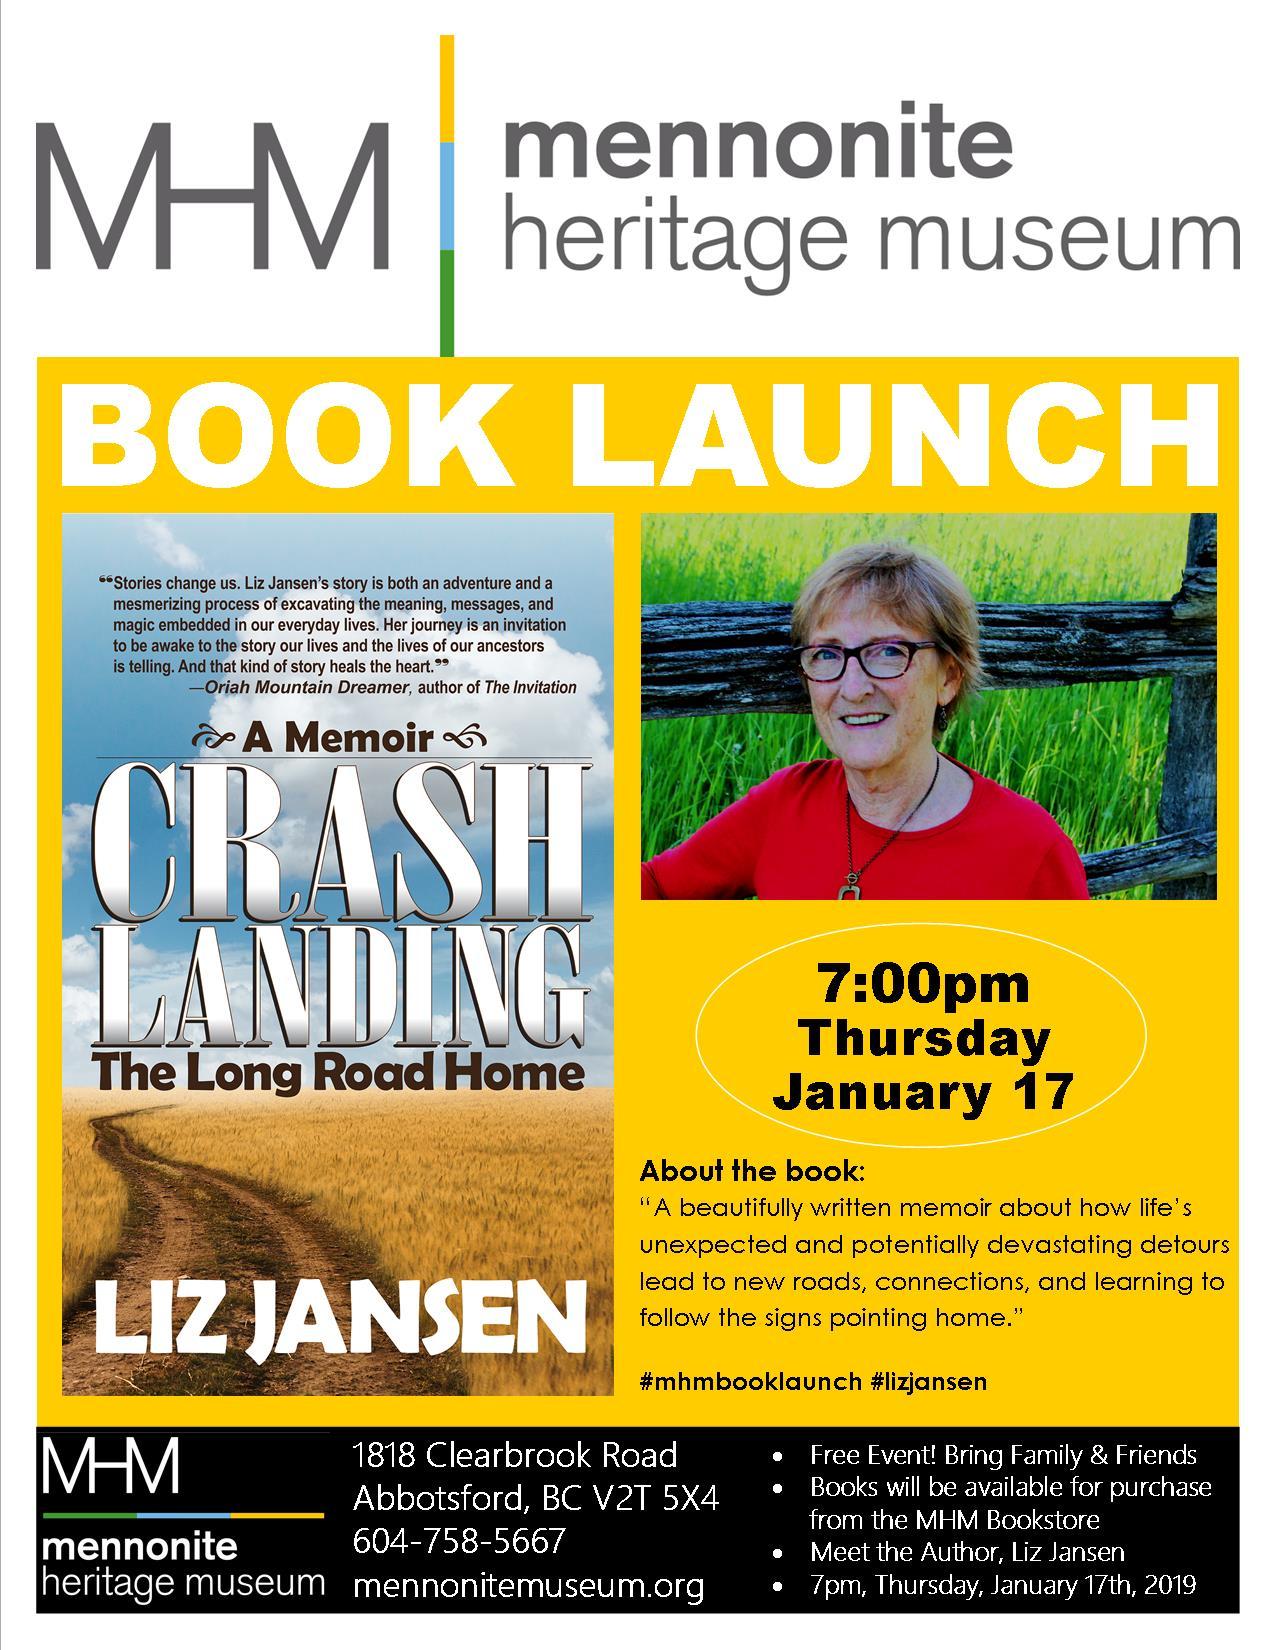 Liz Jansen Book Launch in BC Poster